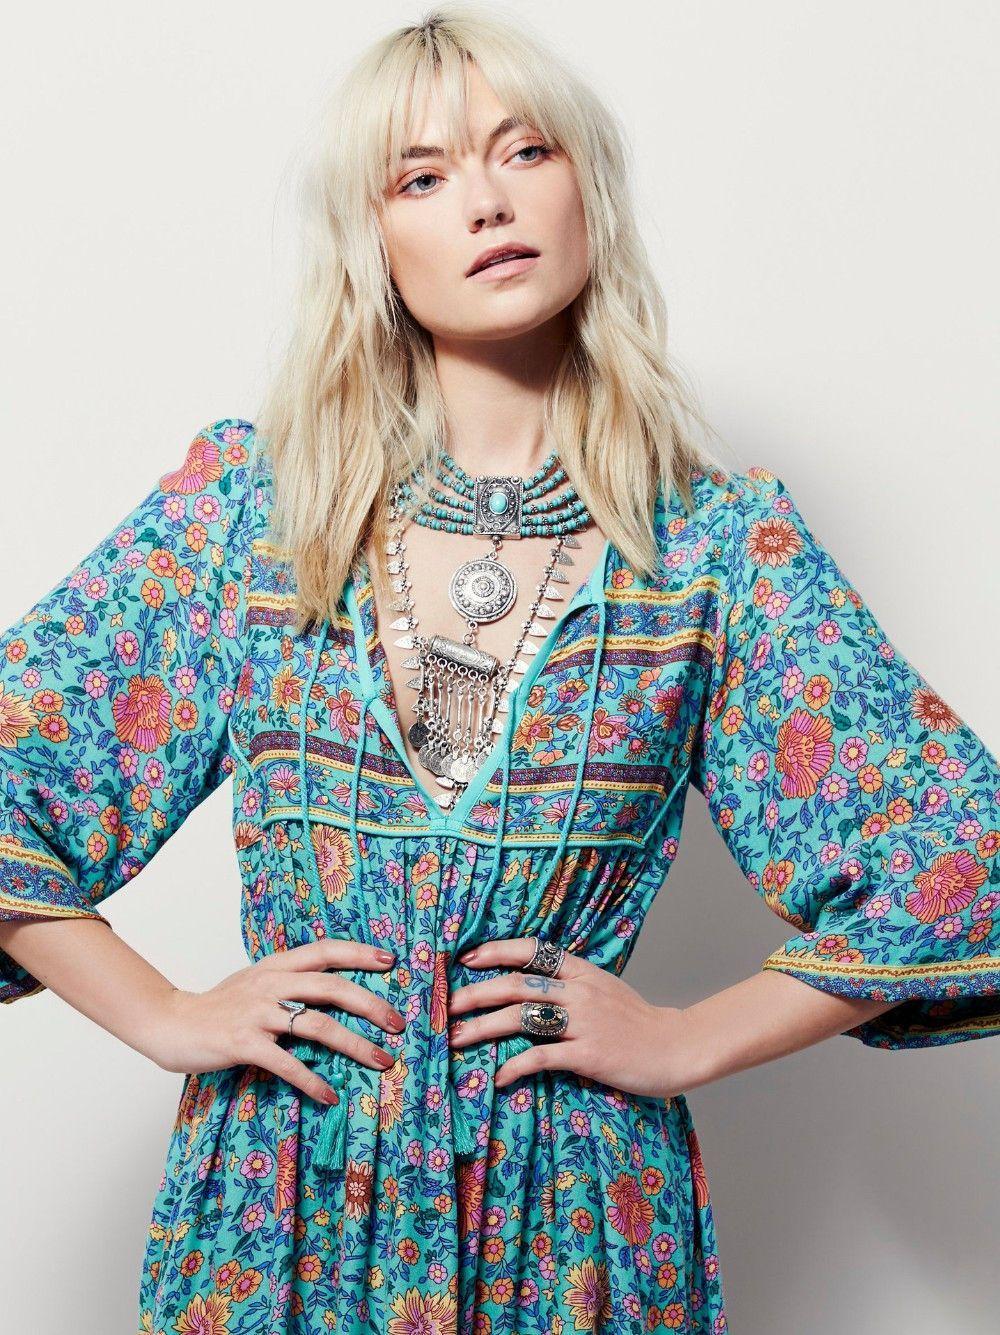 BABUSHKA Dress - Sassy Posh - 5 | dresses | Pinterest | Sassy, Boho ...